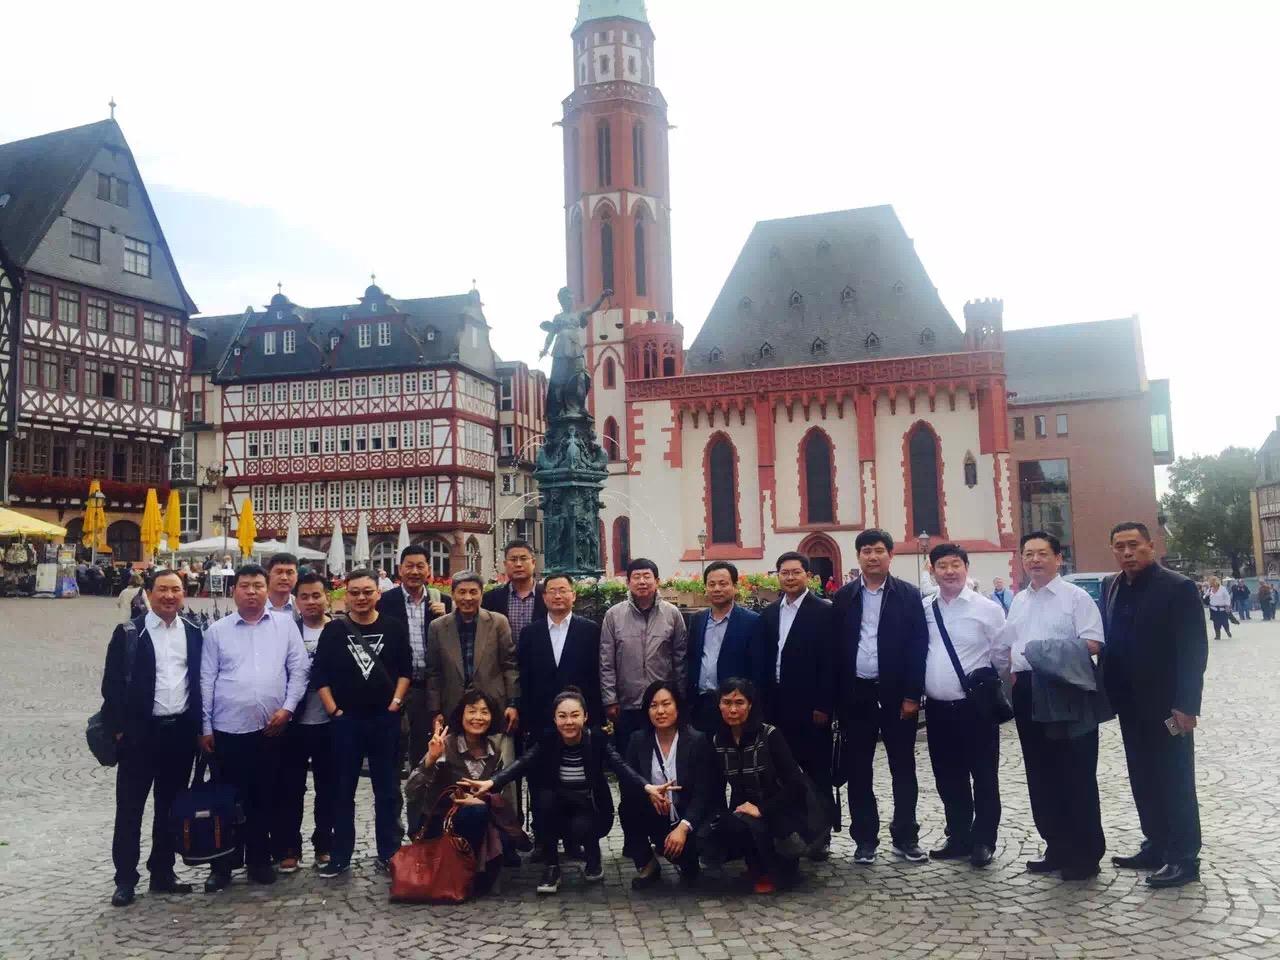 德国小红帽的故乡-阿尔施费尔德政府公务活动